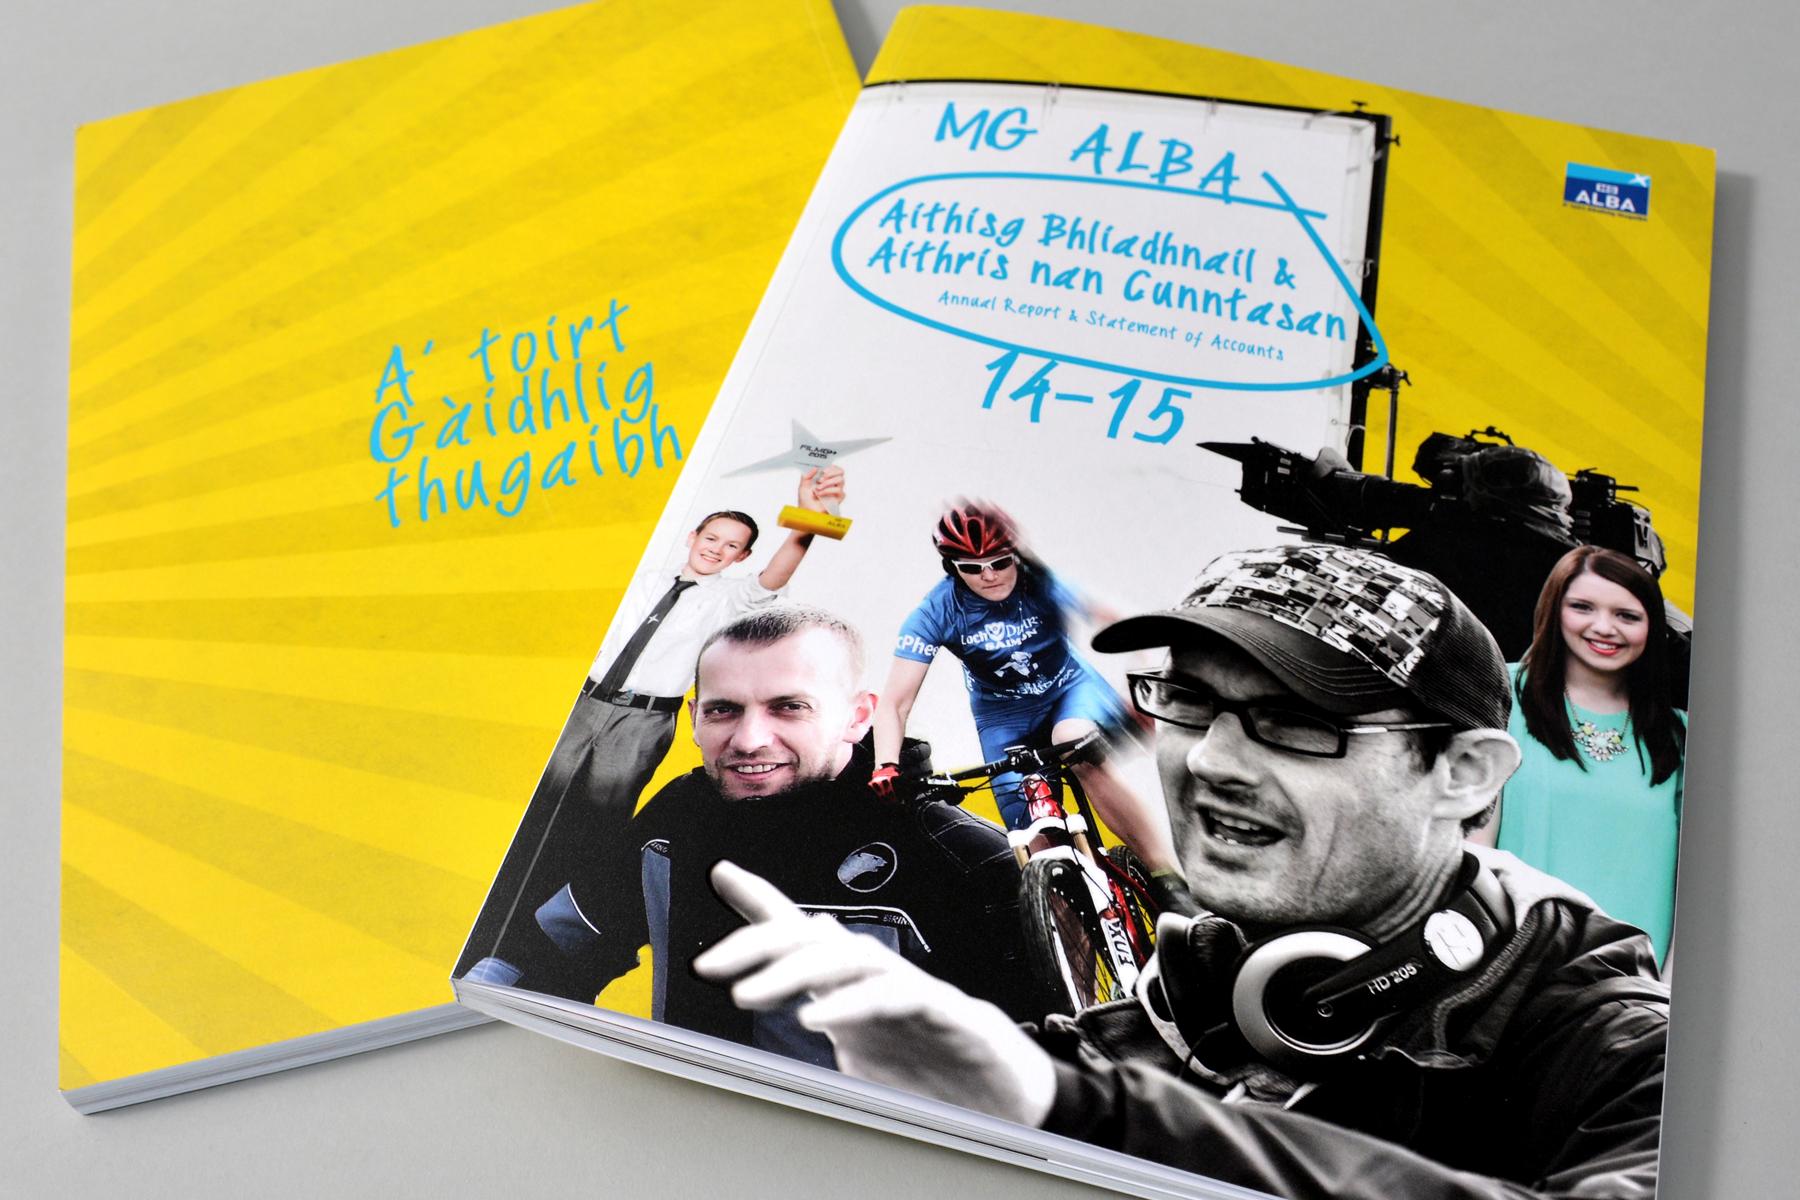 MG ALBA annual report 2015